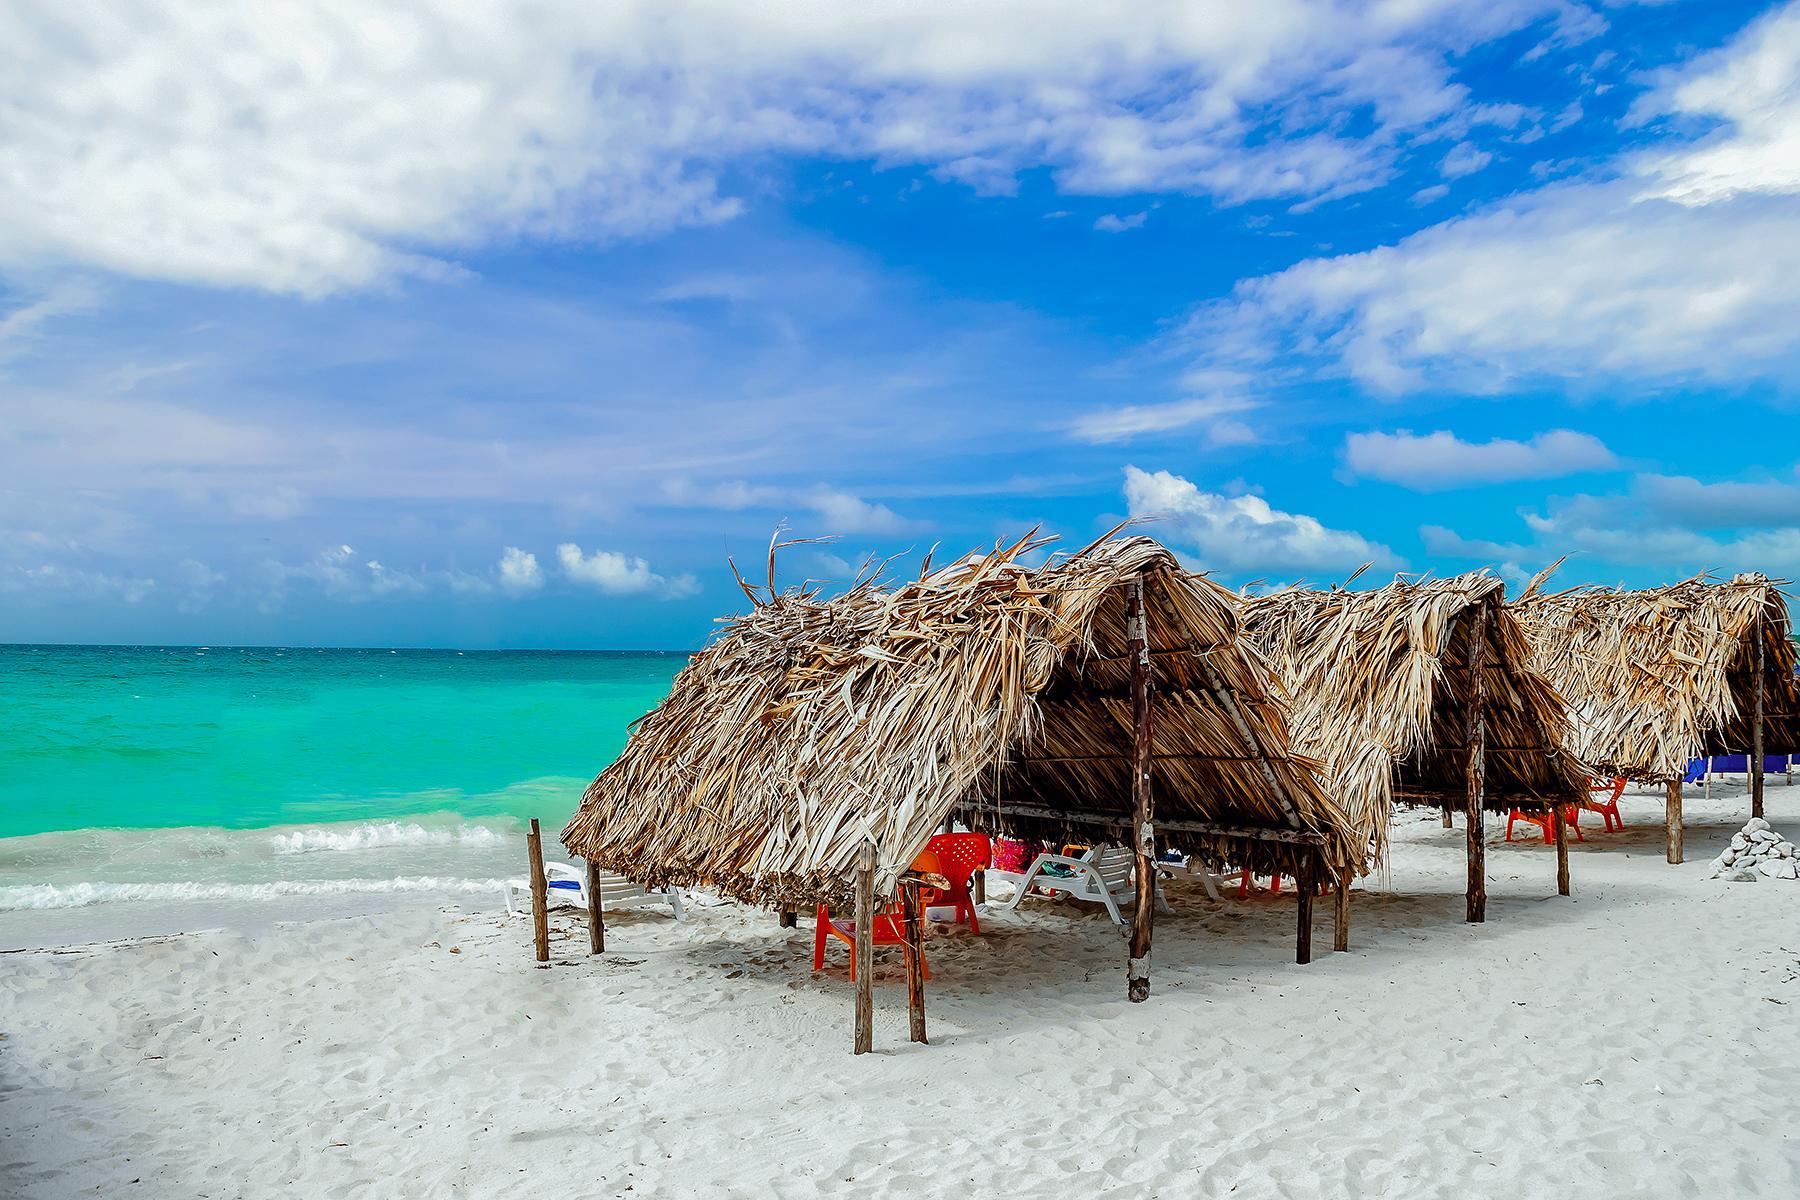 caribe vacaciones viajes linearcol planes